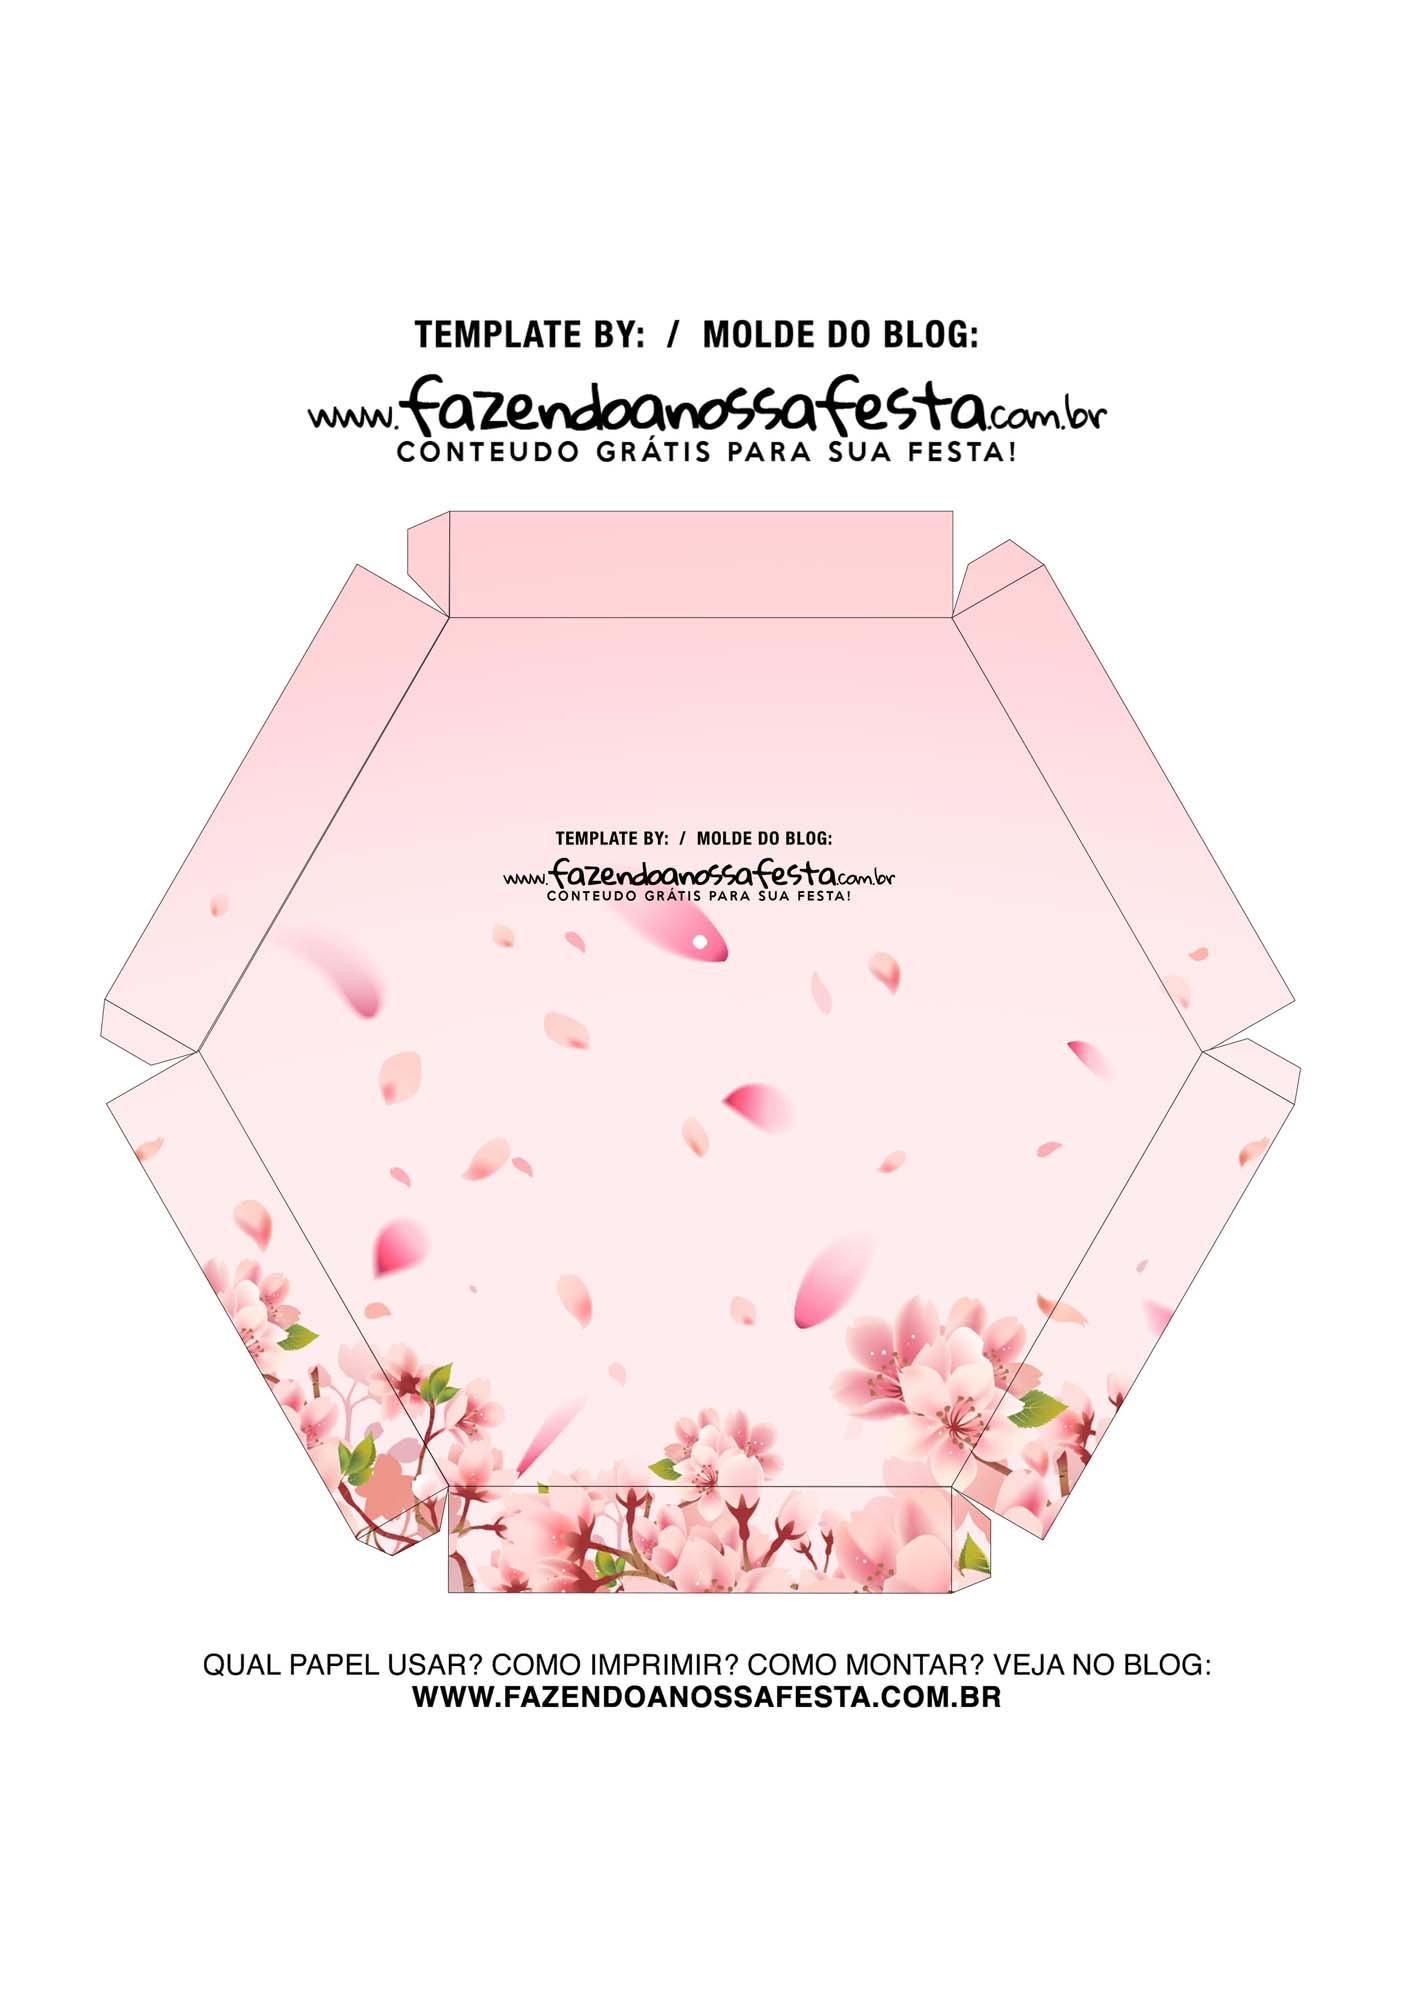 Caixa Explosiva Dia das Maes floral cerejeira 8